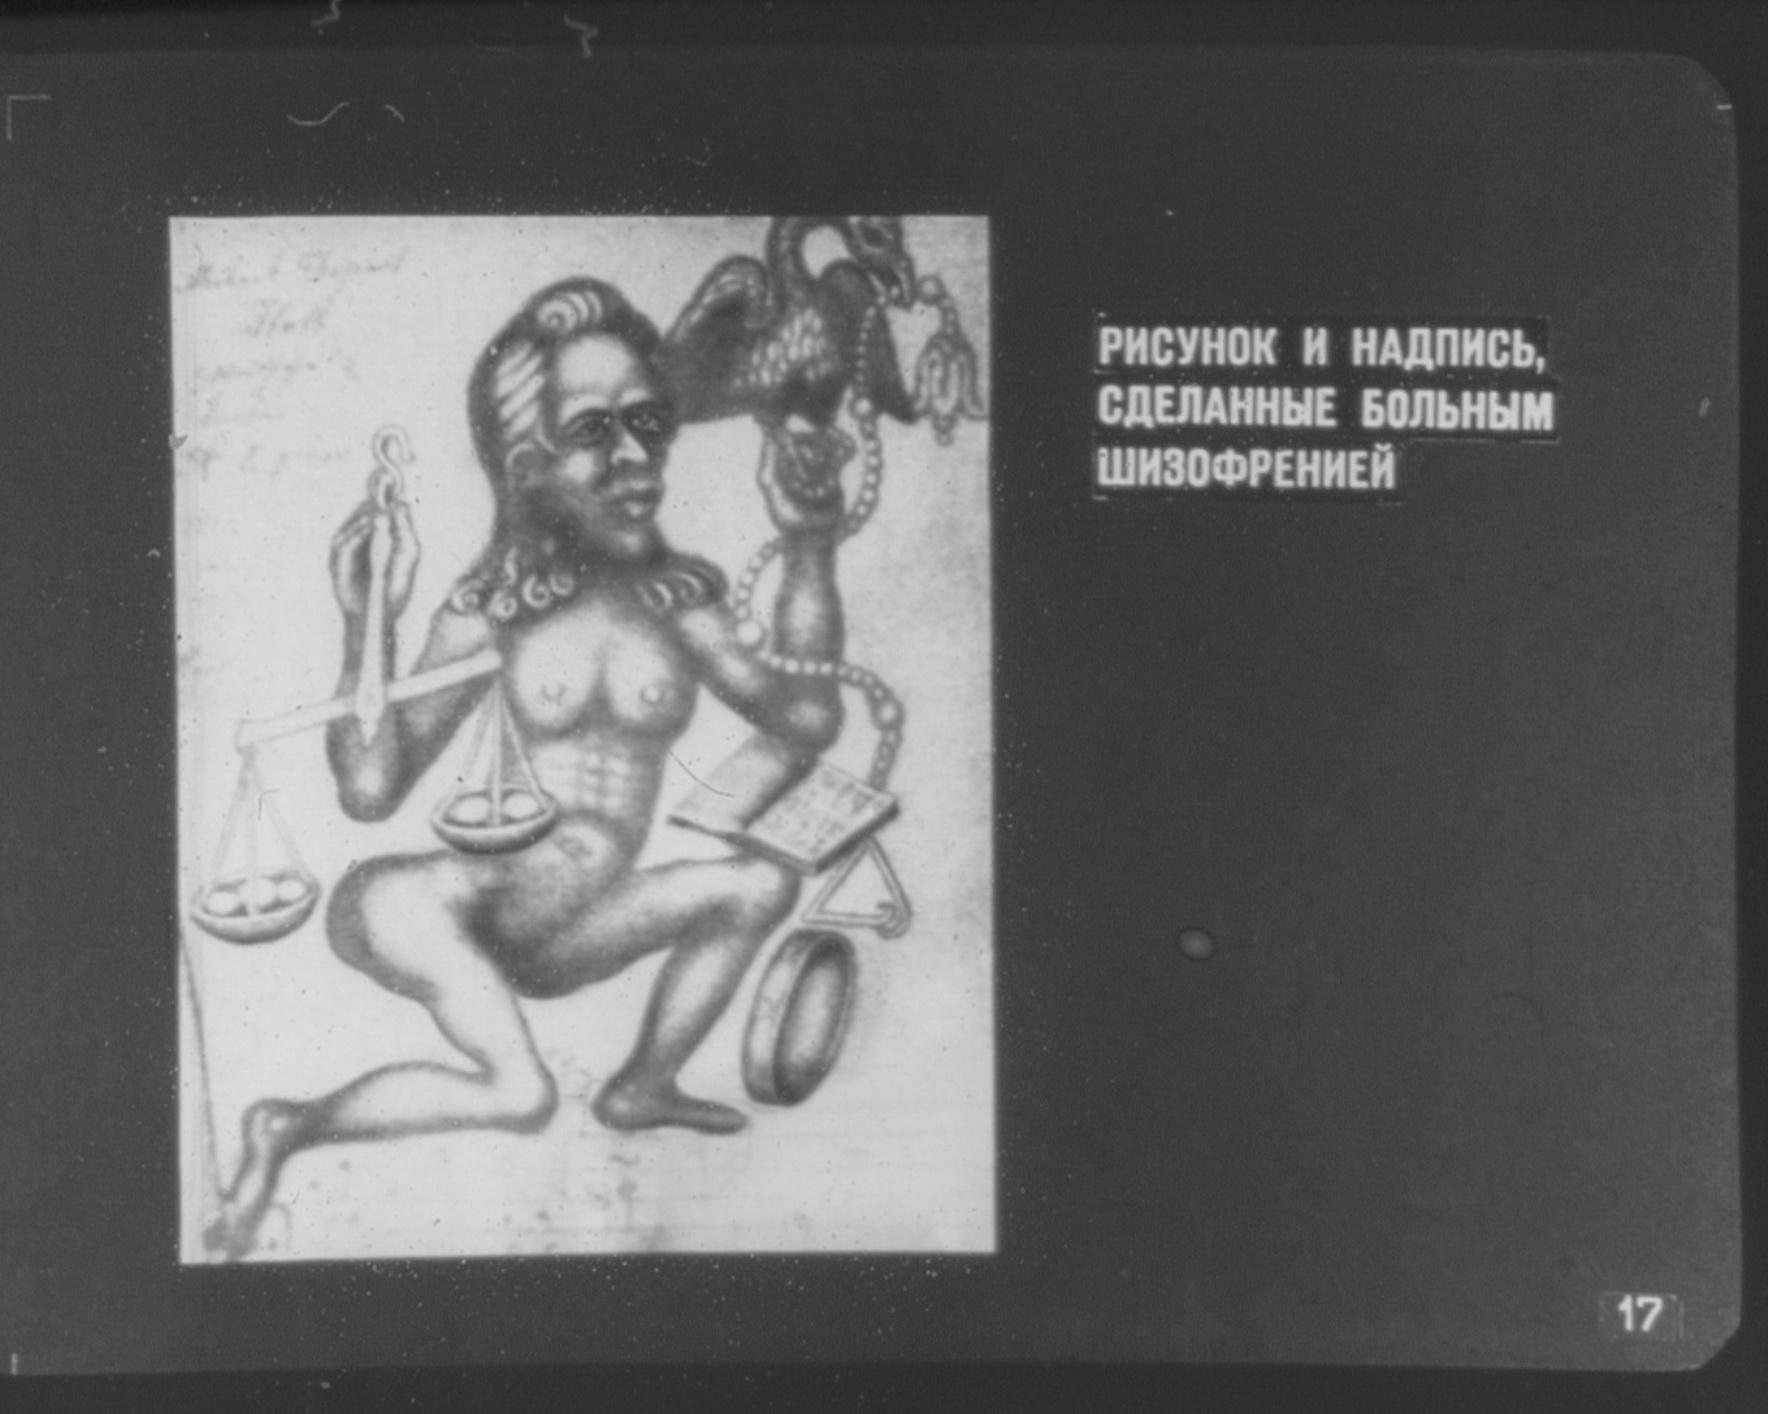 Рисунок и надпись, сделанные больным шизофренией